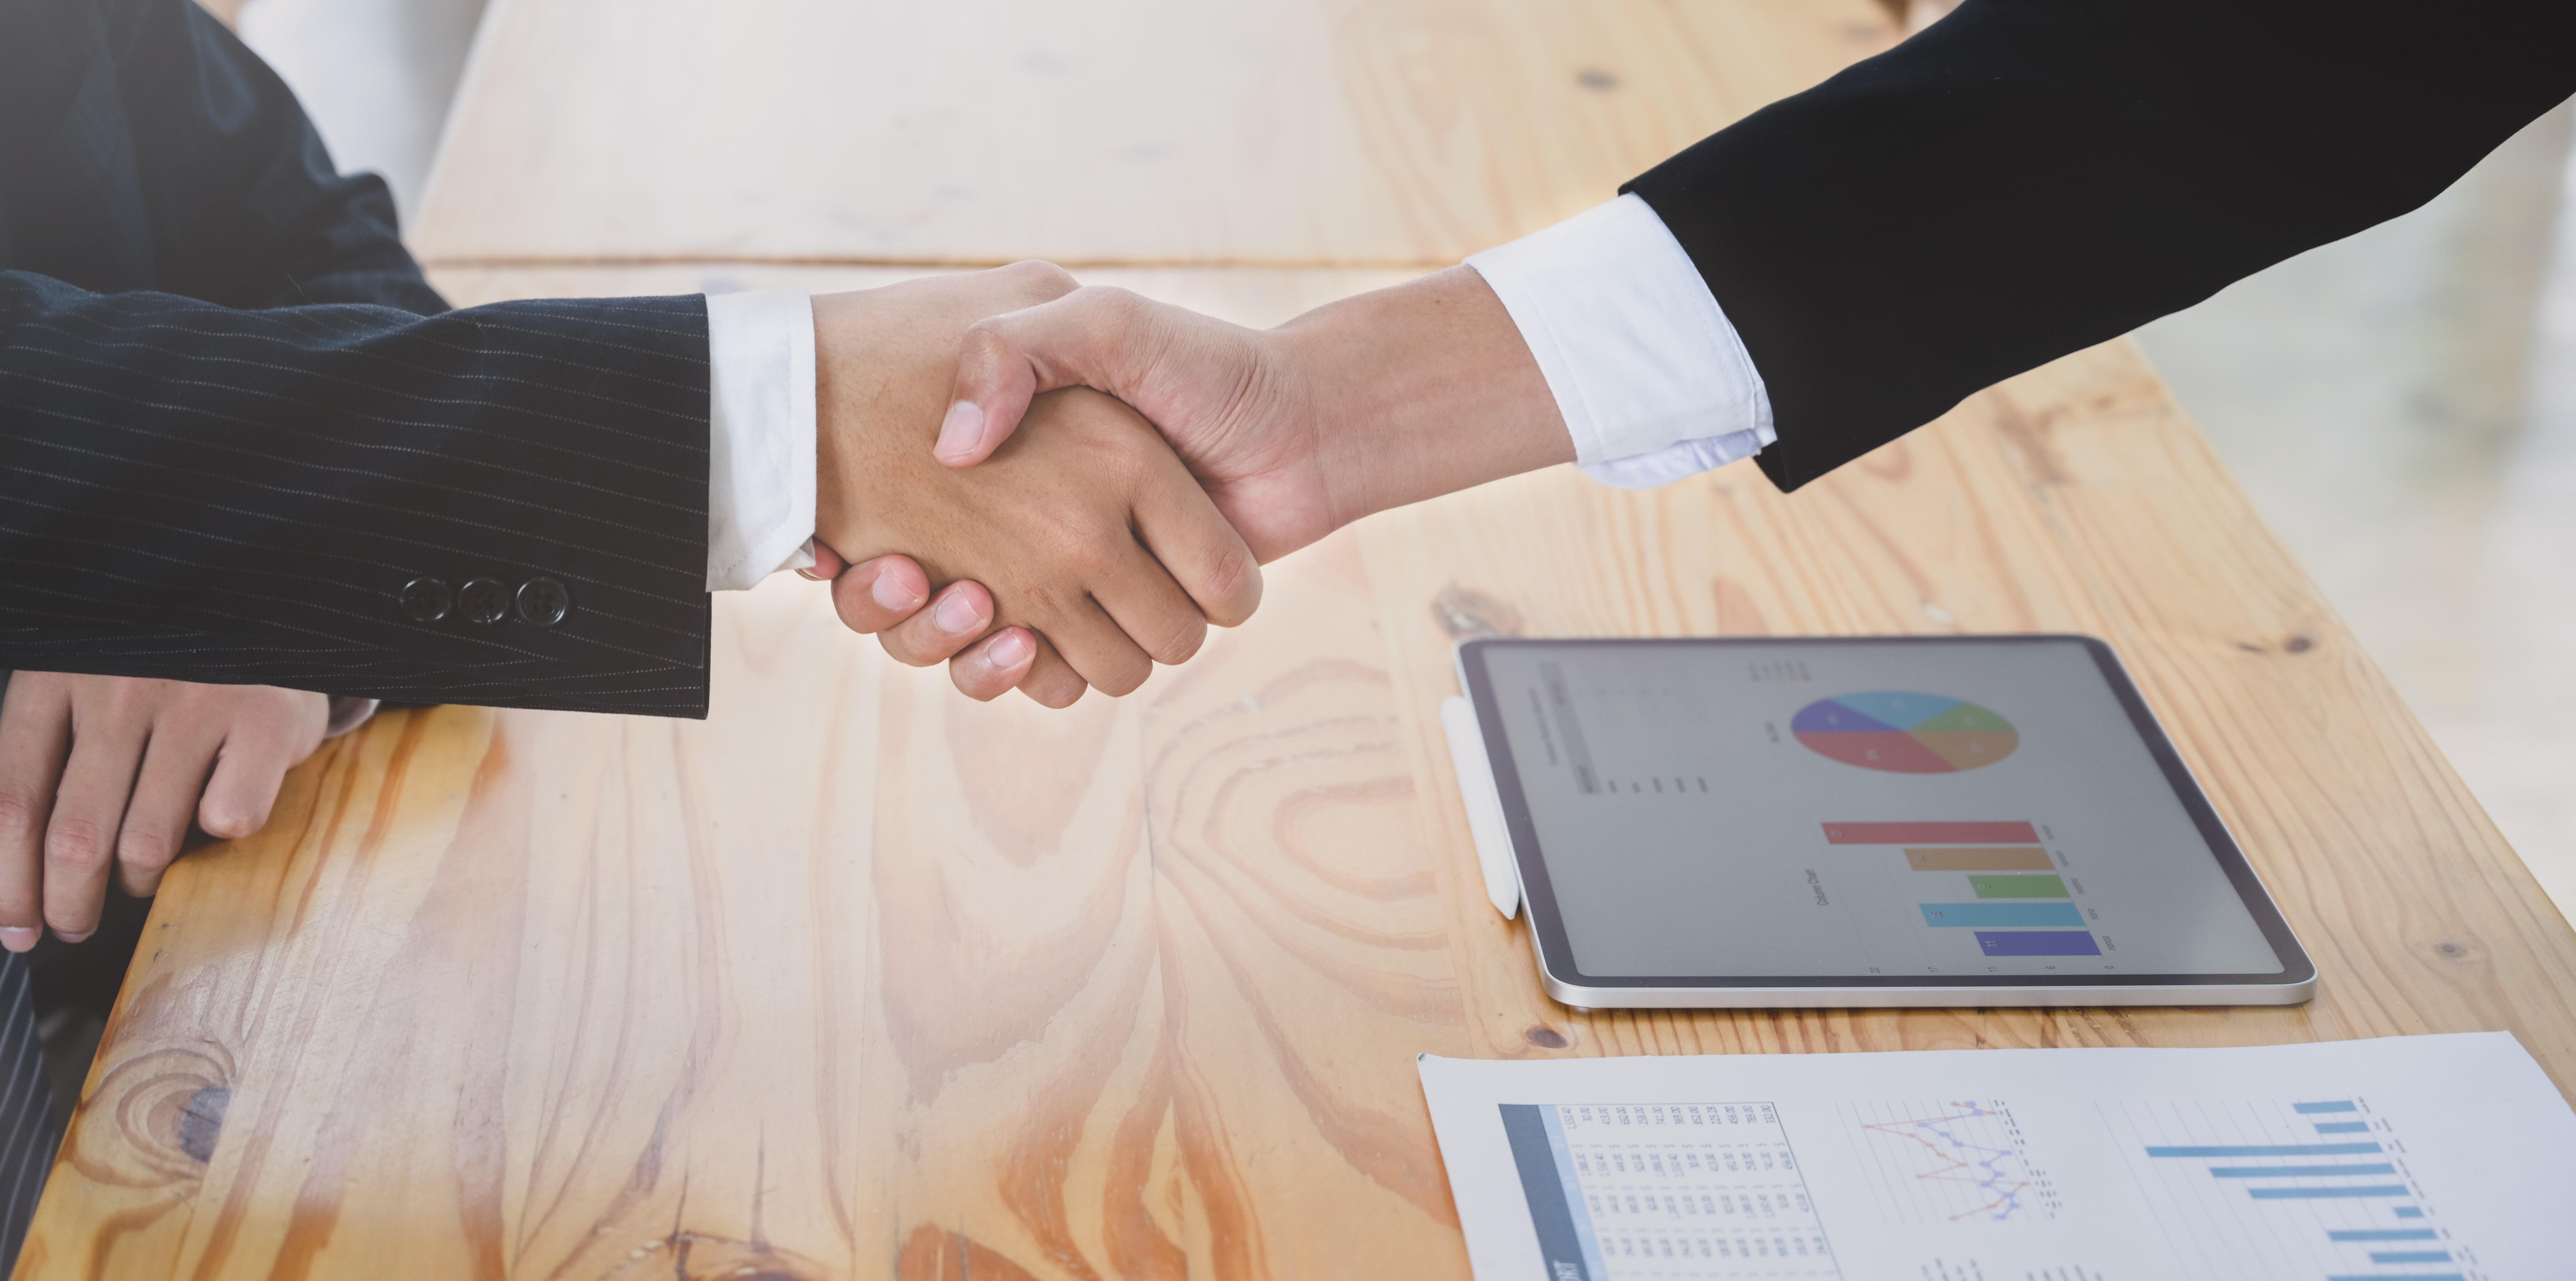 zdjęcie do W artykule podpowiadamy jakie terminy powinny znaleźć się w treści zawieranej umowy deweloperskiej poza tymi, które wymienia ustawa deweloperska oraz jak dokładnie opisać przedmiot umowy.